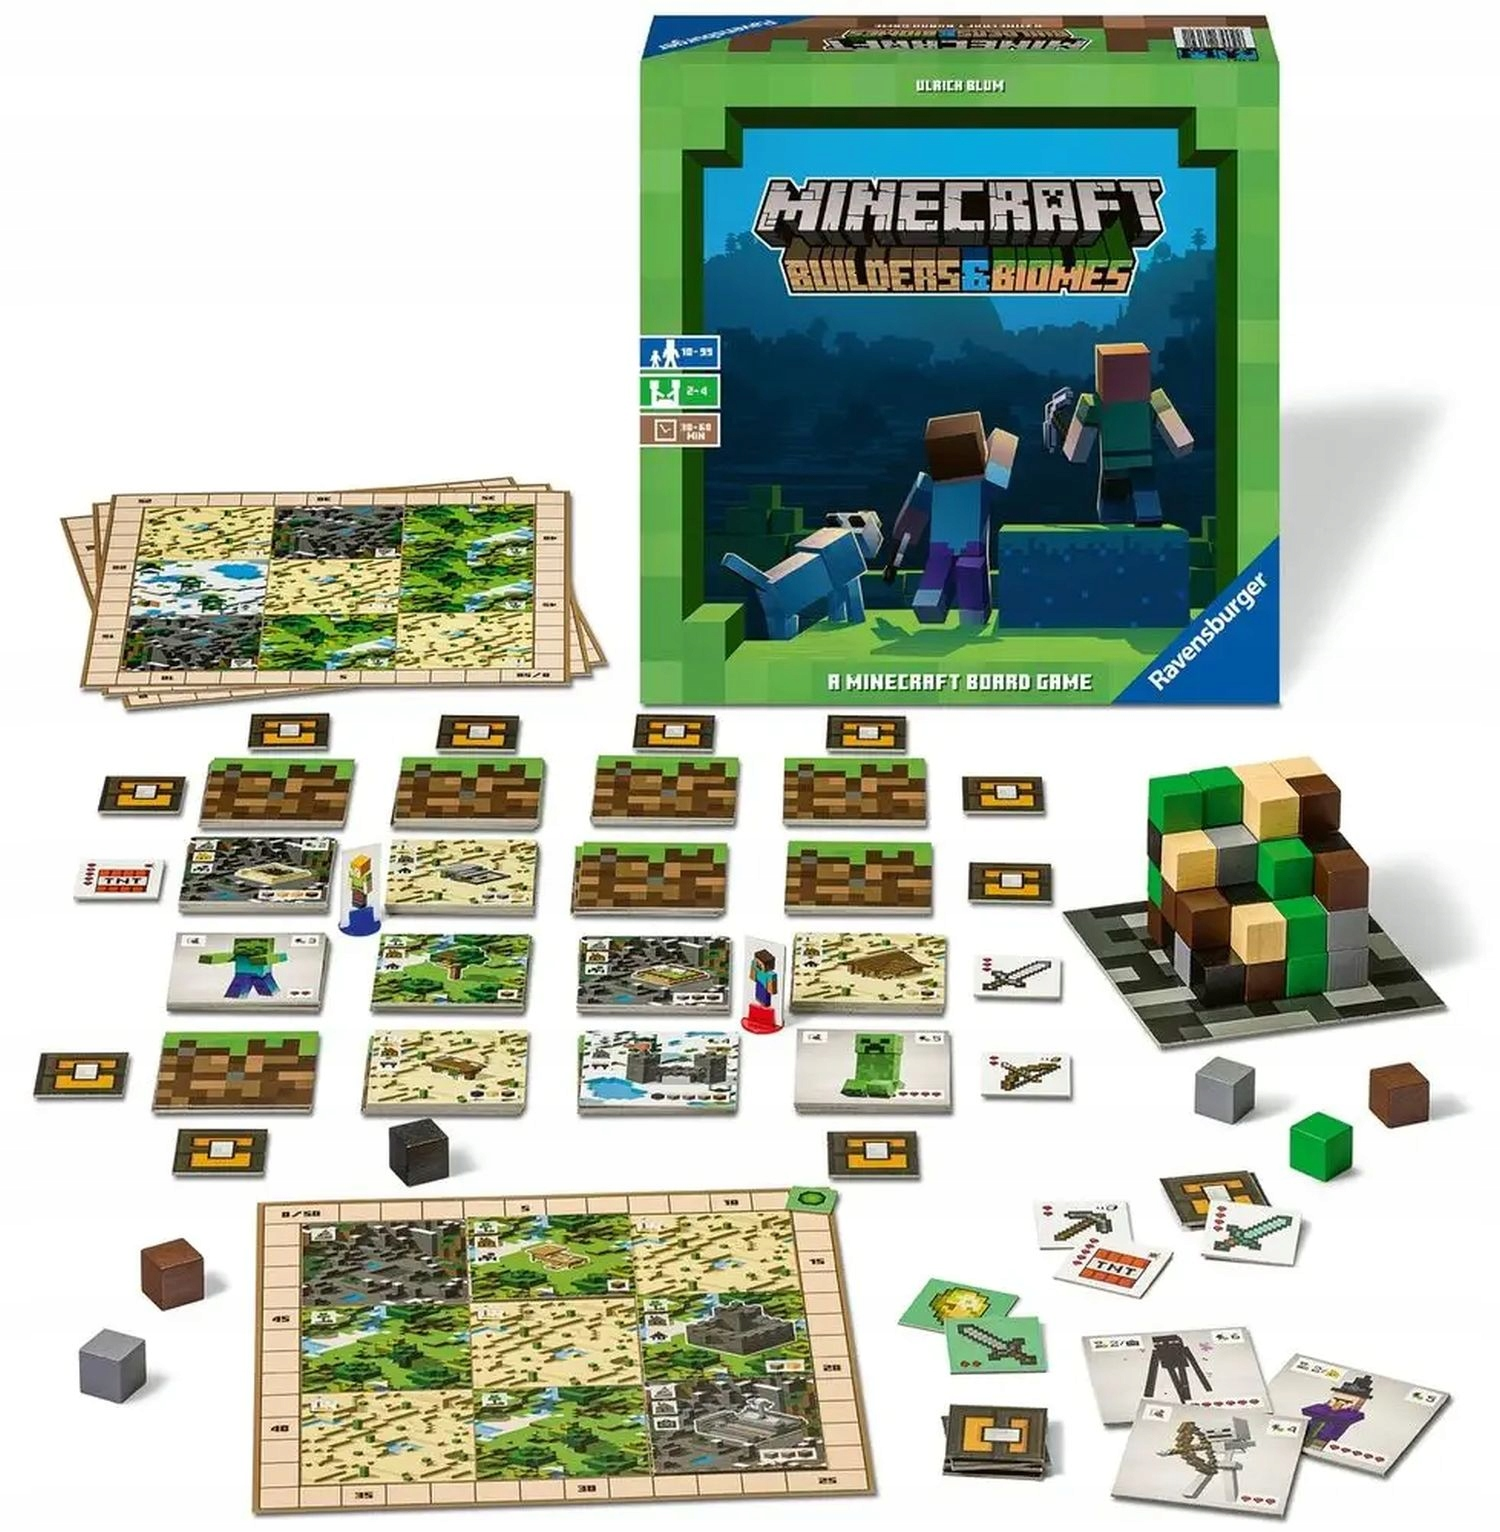 Stavitelia doskových hier Minecraft & Biomes instPL